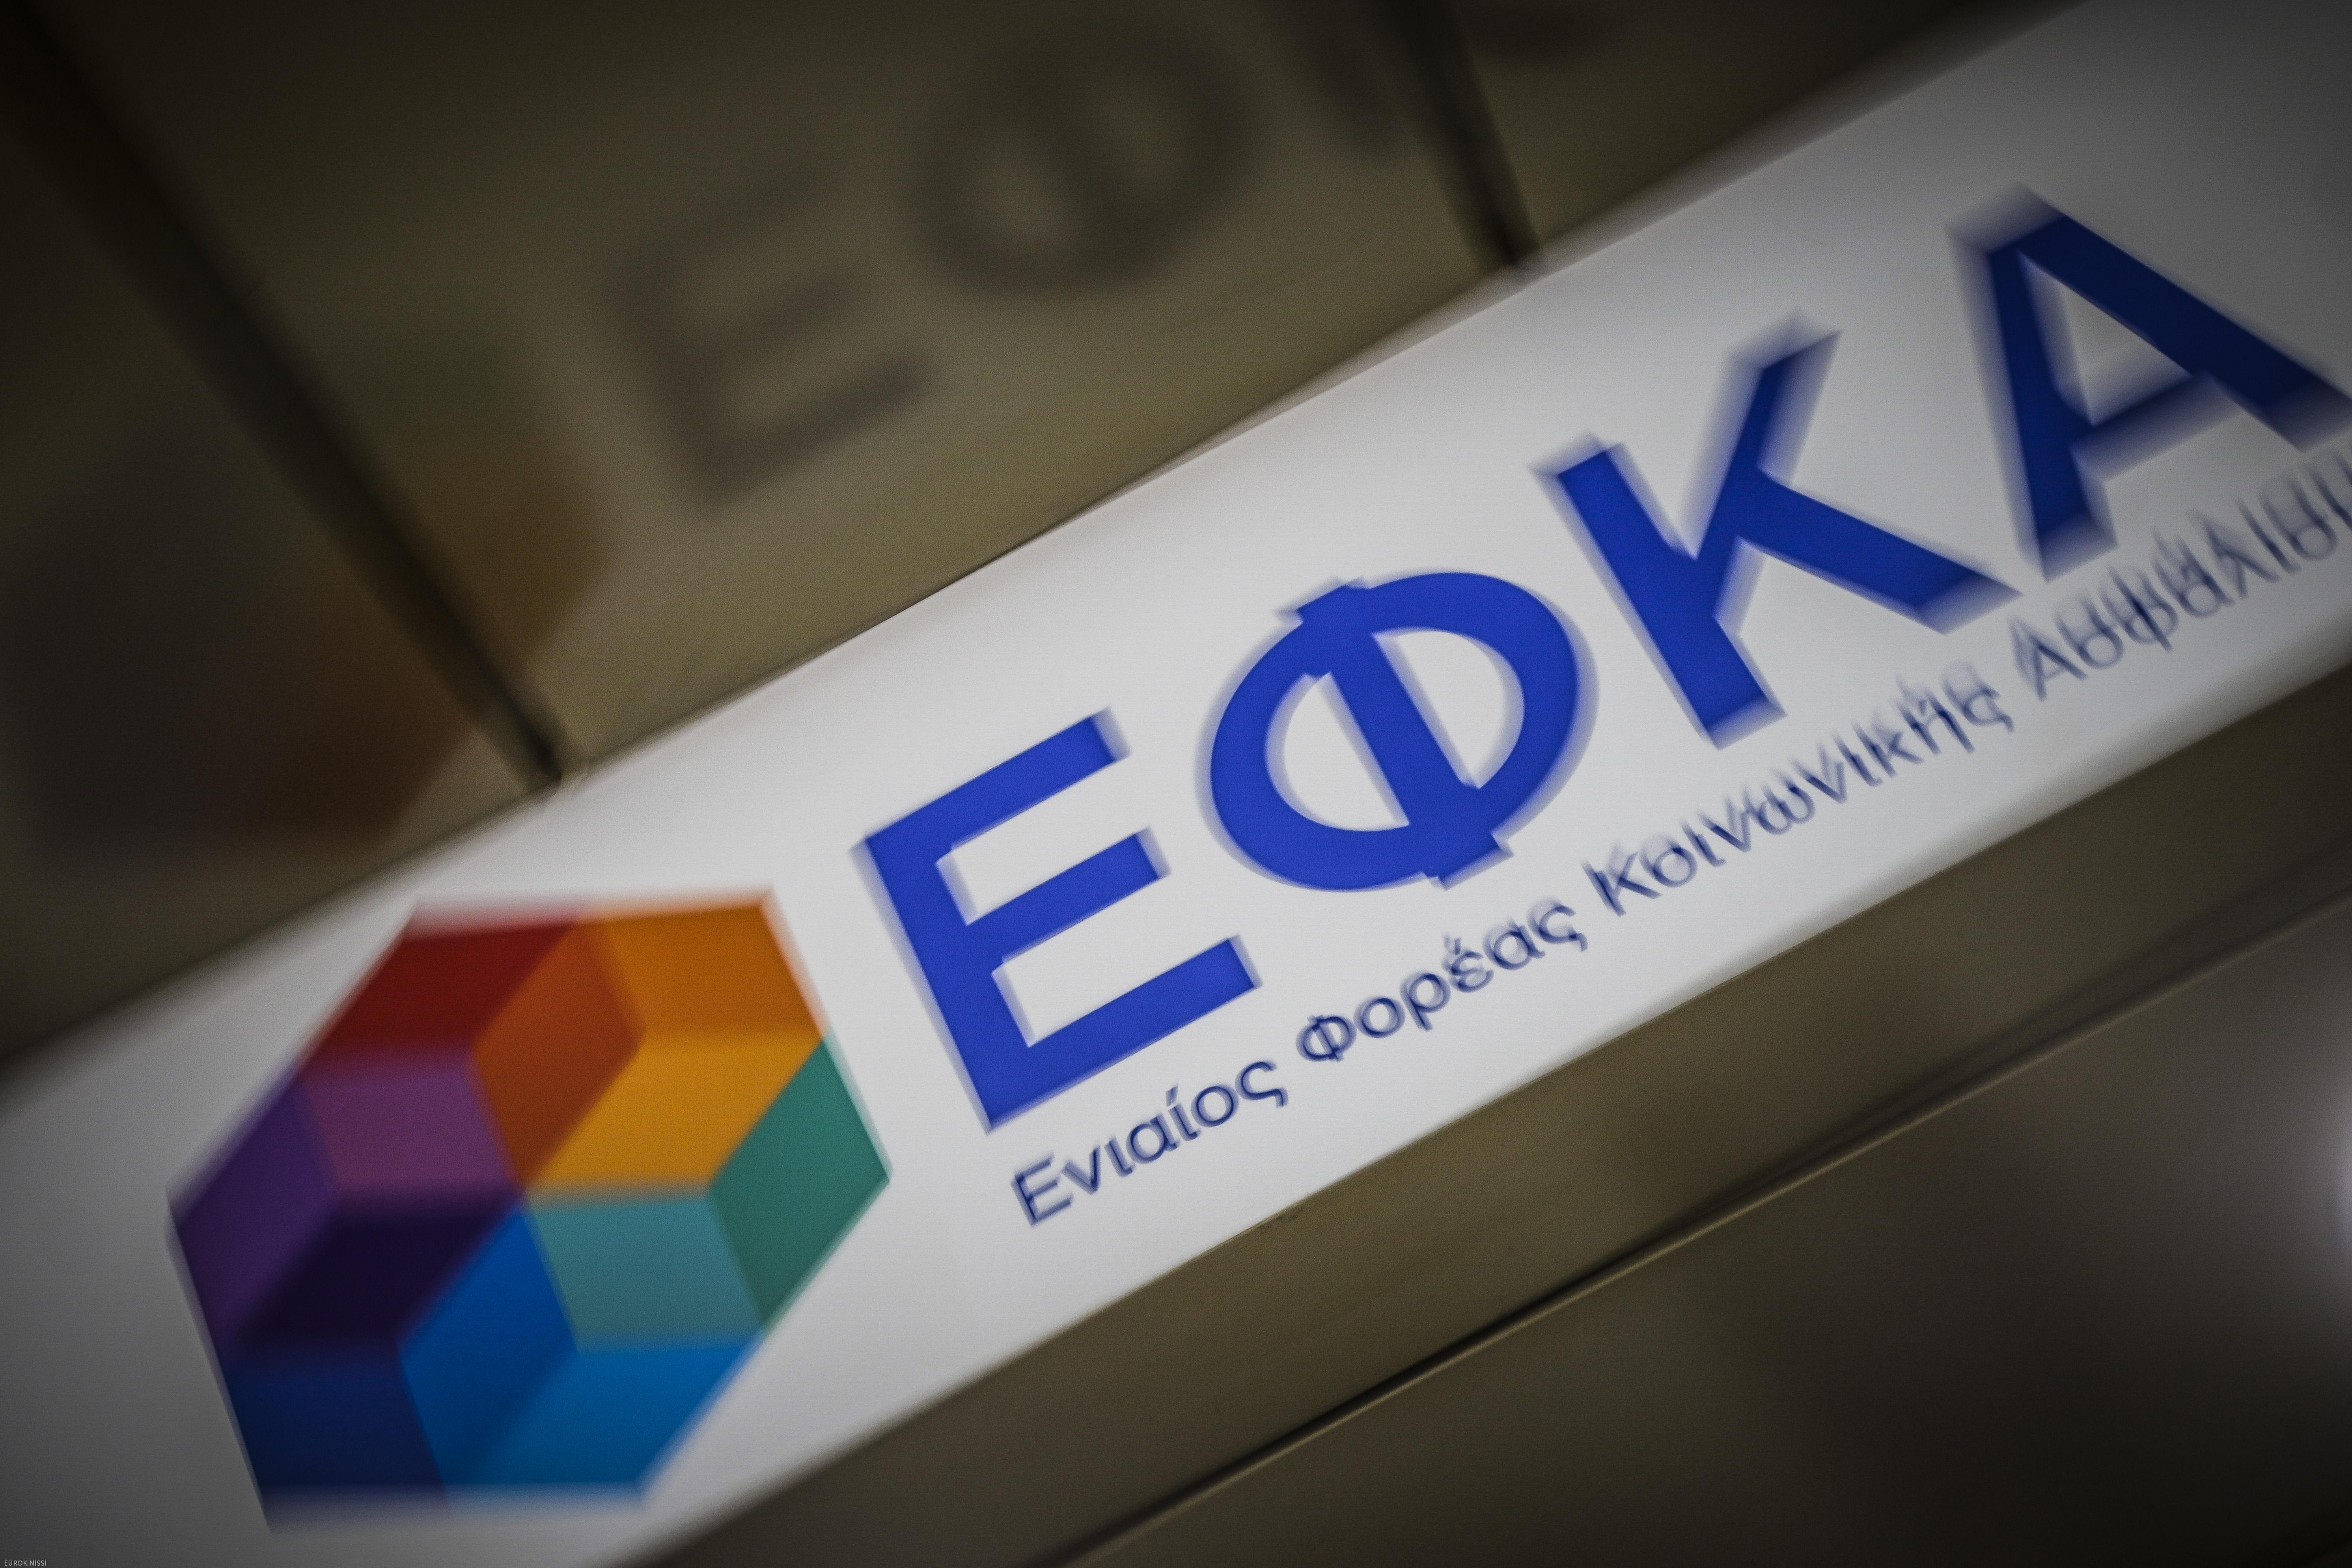 ΕΦΚΑ: Επέστρεψε χρήματα στους δικηγόρους | tovima.gr